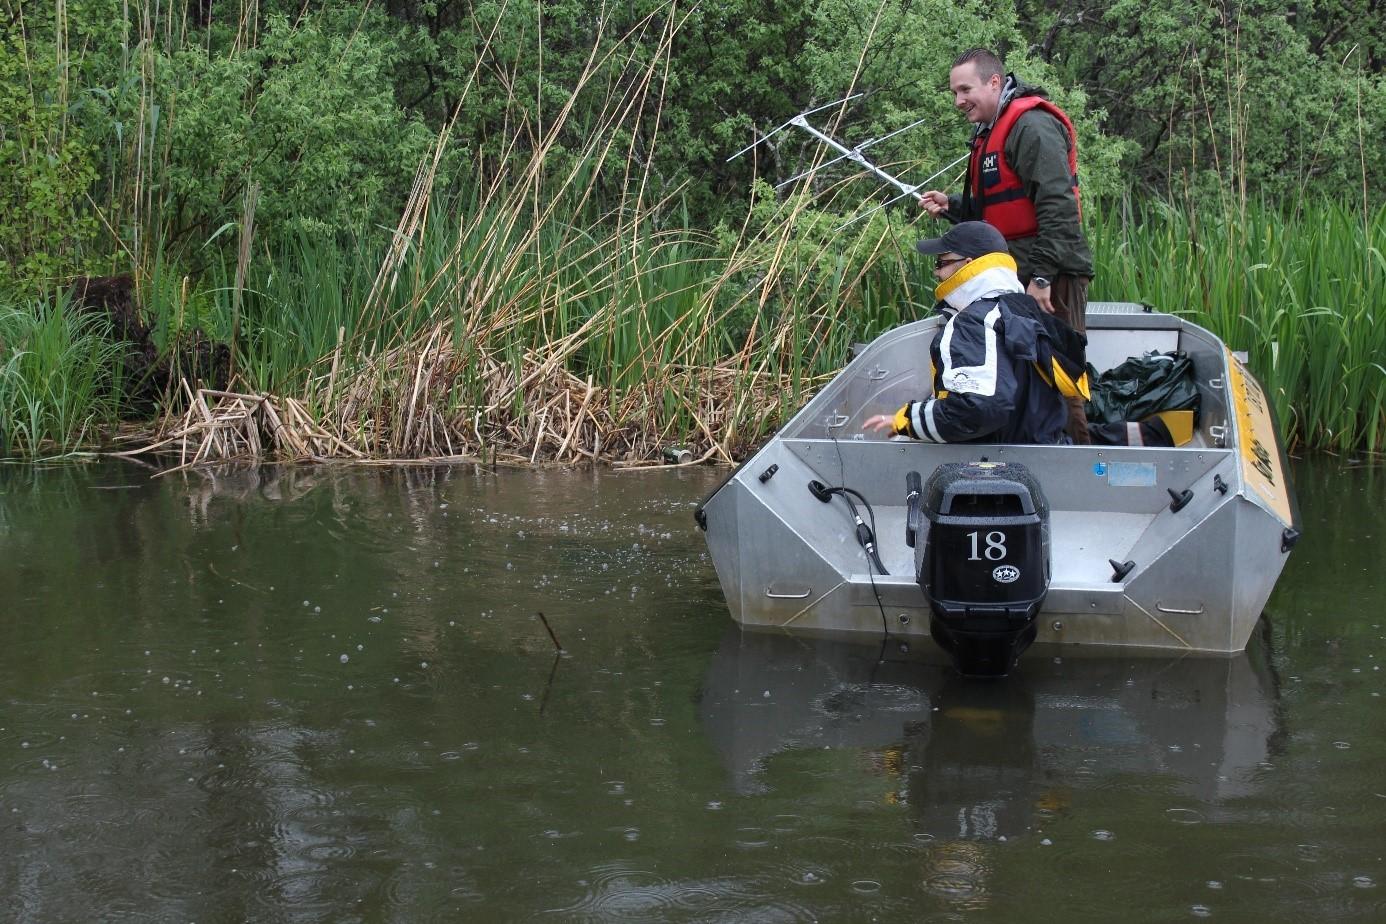 Denna bild är tagen sekunden efter att malen vältrade sig i ytan. Alldeles intill båten syns svallen efter fisken. Foto: Rickard Gustafsson.